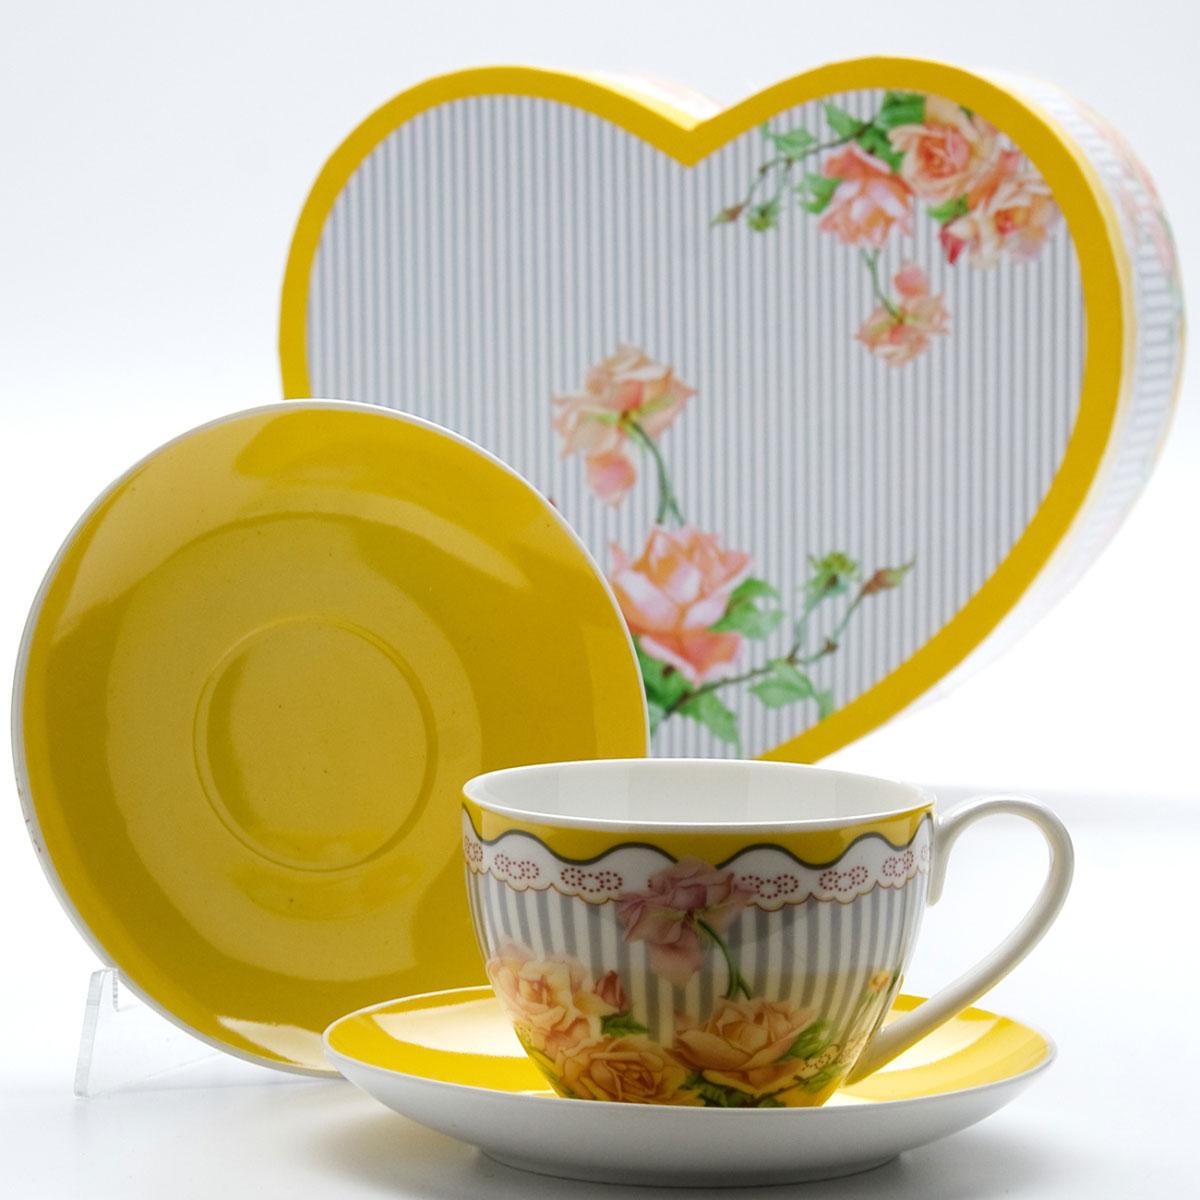 Чайная пара Mayer & Boch Садовые розы, 4 предмета. 22995VT-1520(SR)Чайный набор выполнен из высококачественного костяного фарфора и состоит из двух чашек, украшенных рисунком, и двух ярких цветных блюдец. Чашки имеют рельефную поверхность. Чайный набор упакован в подарочную коробку в форме сердца из плотного цветного картона.Объем чашки: 220 мл.